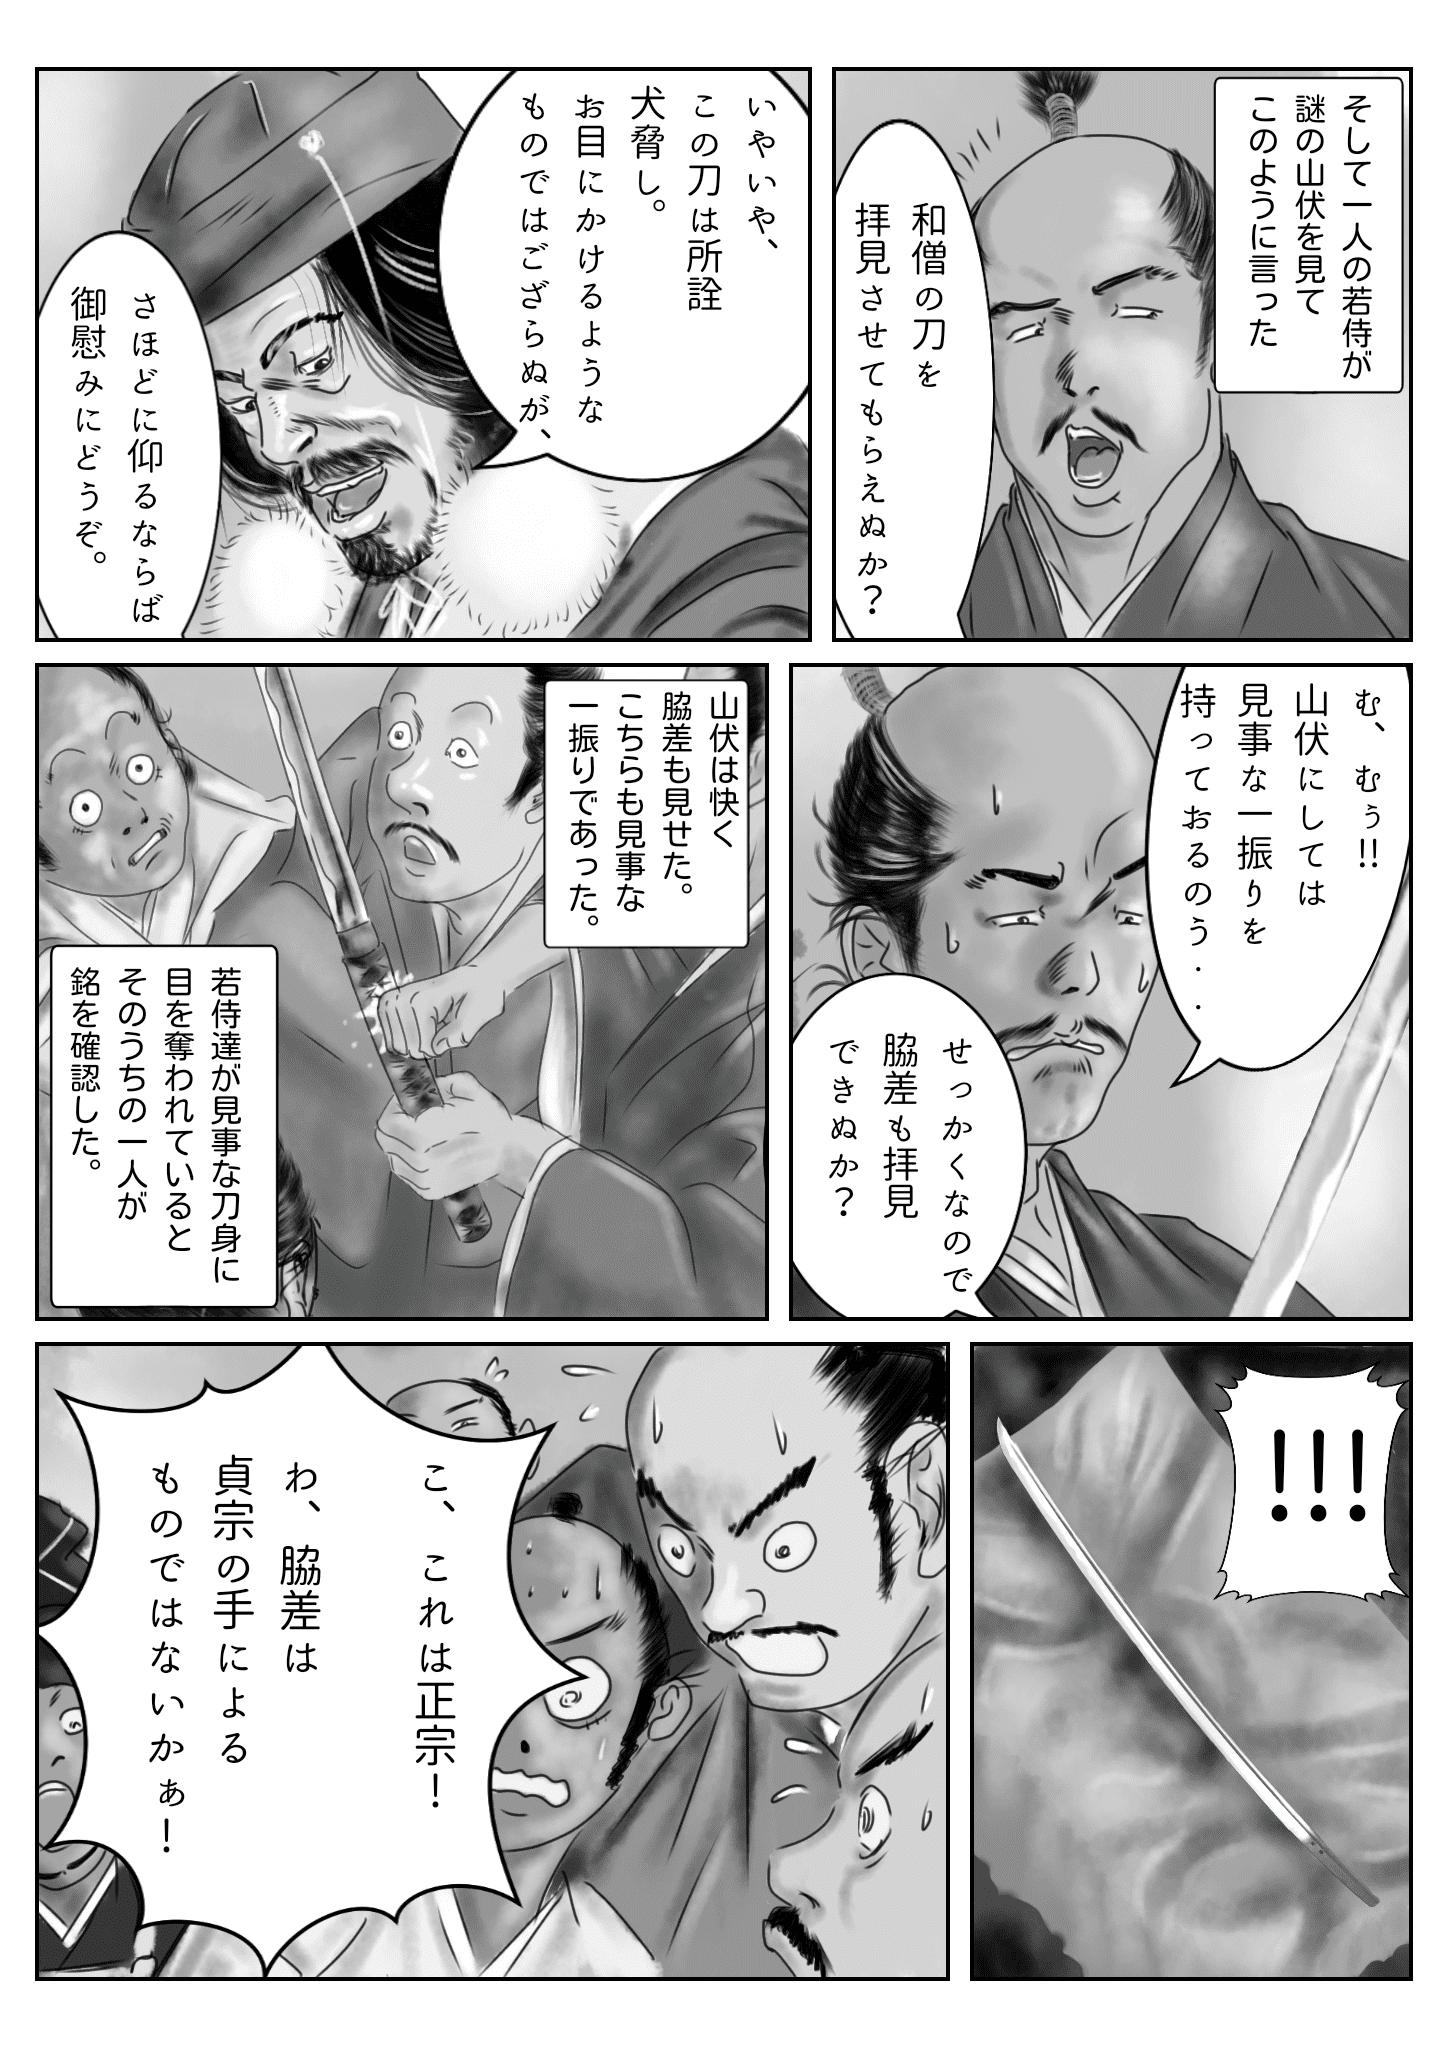 謎の山伏 2ページ